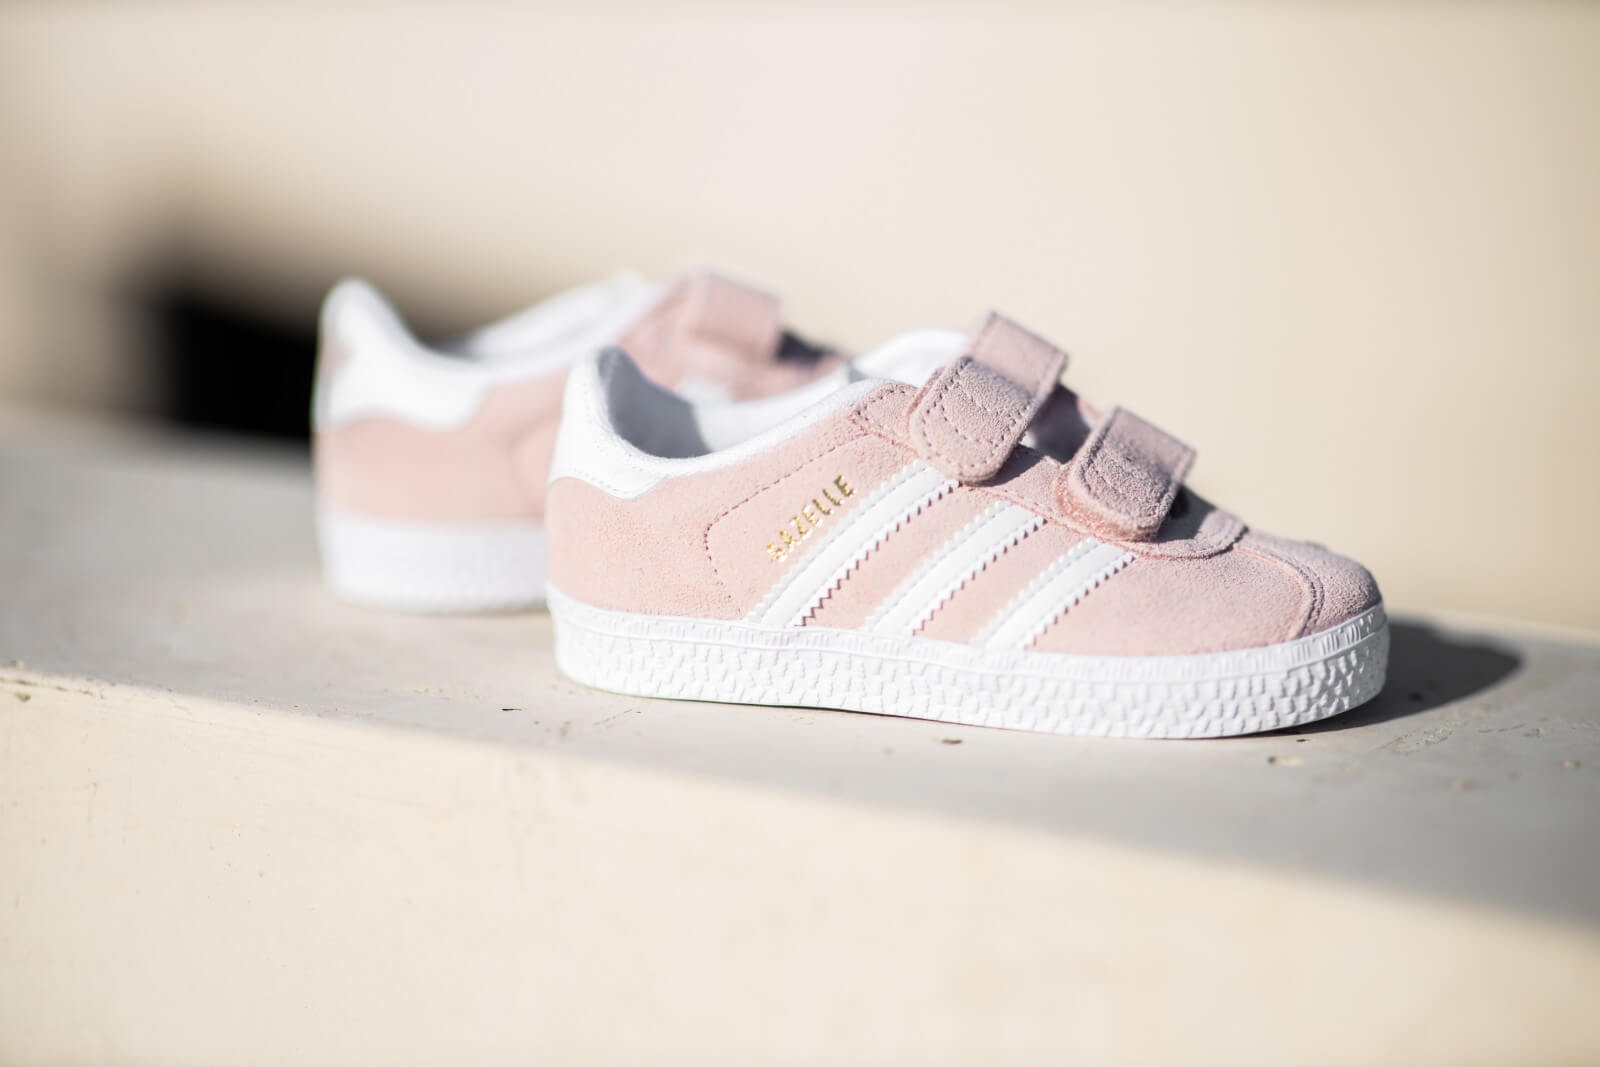 Adidas Gazelle CF I Ice Pink/Footwear